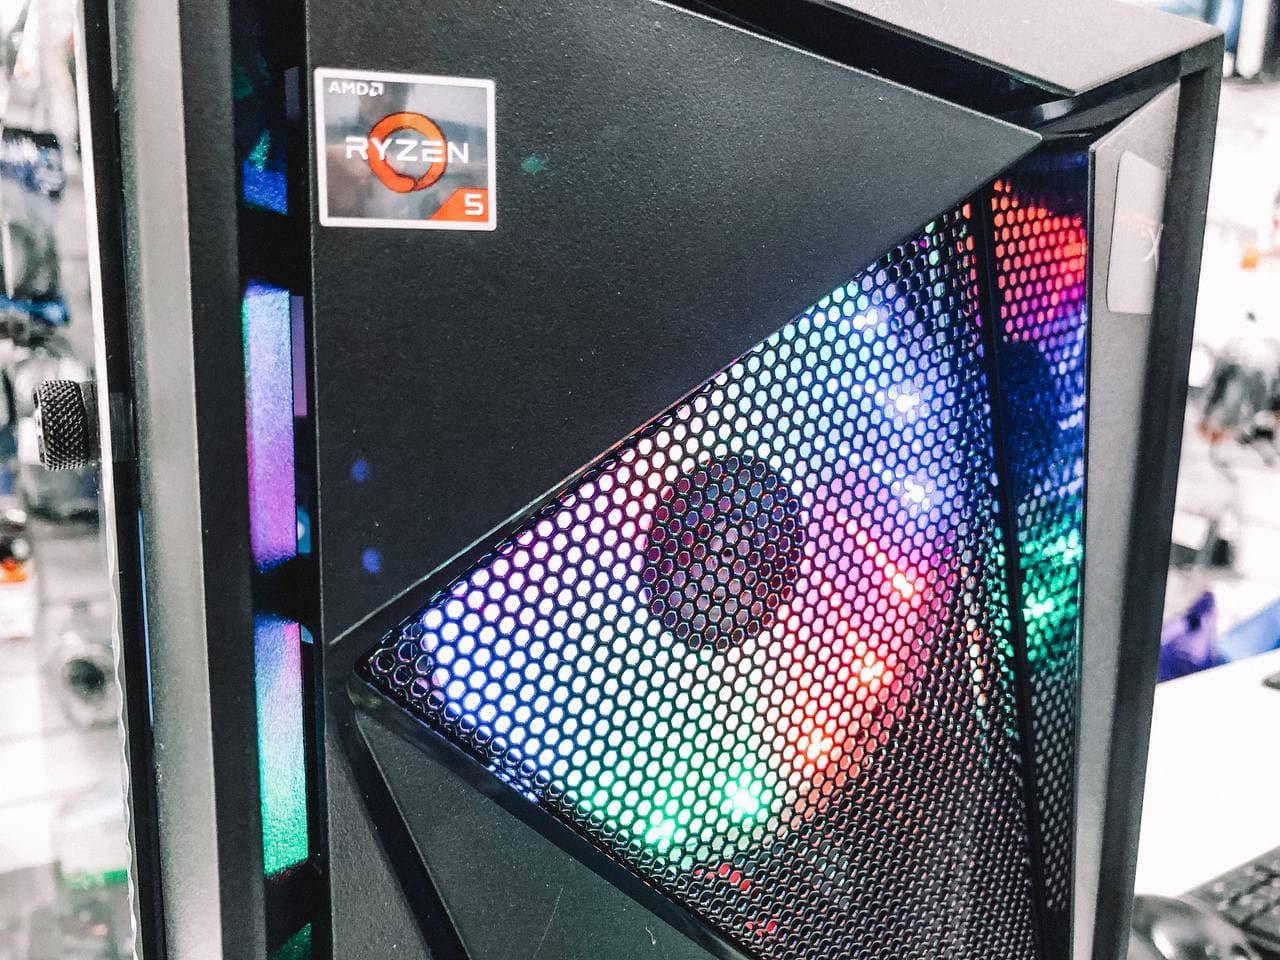 картинка Системный блок Status Home Ryzen 5 AMD + GeForce от магазина Одежда+